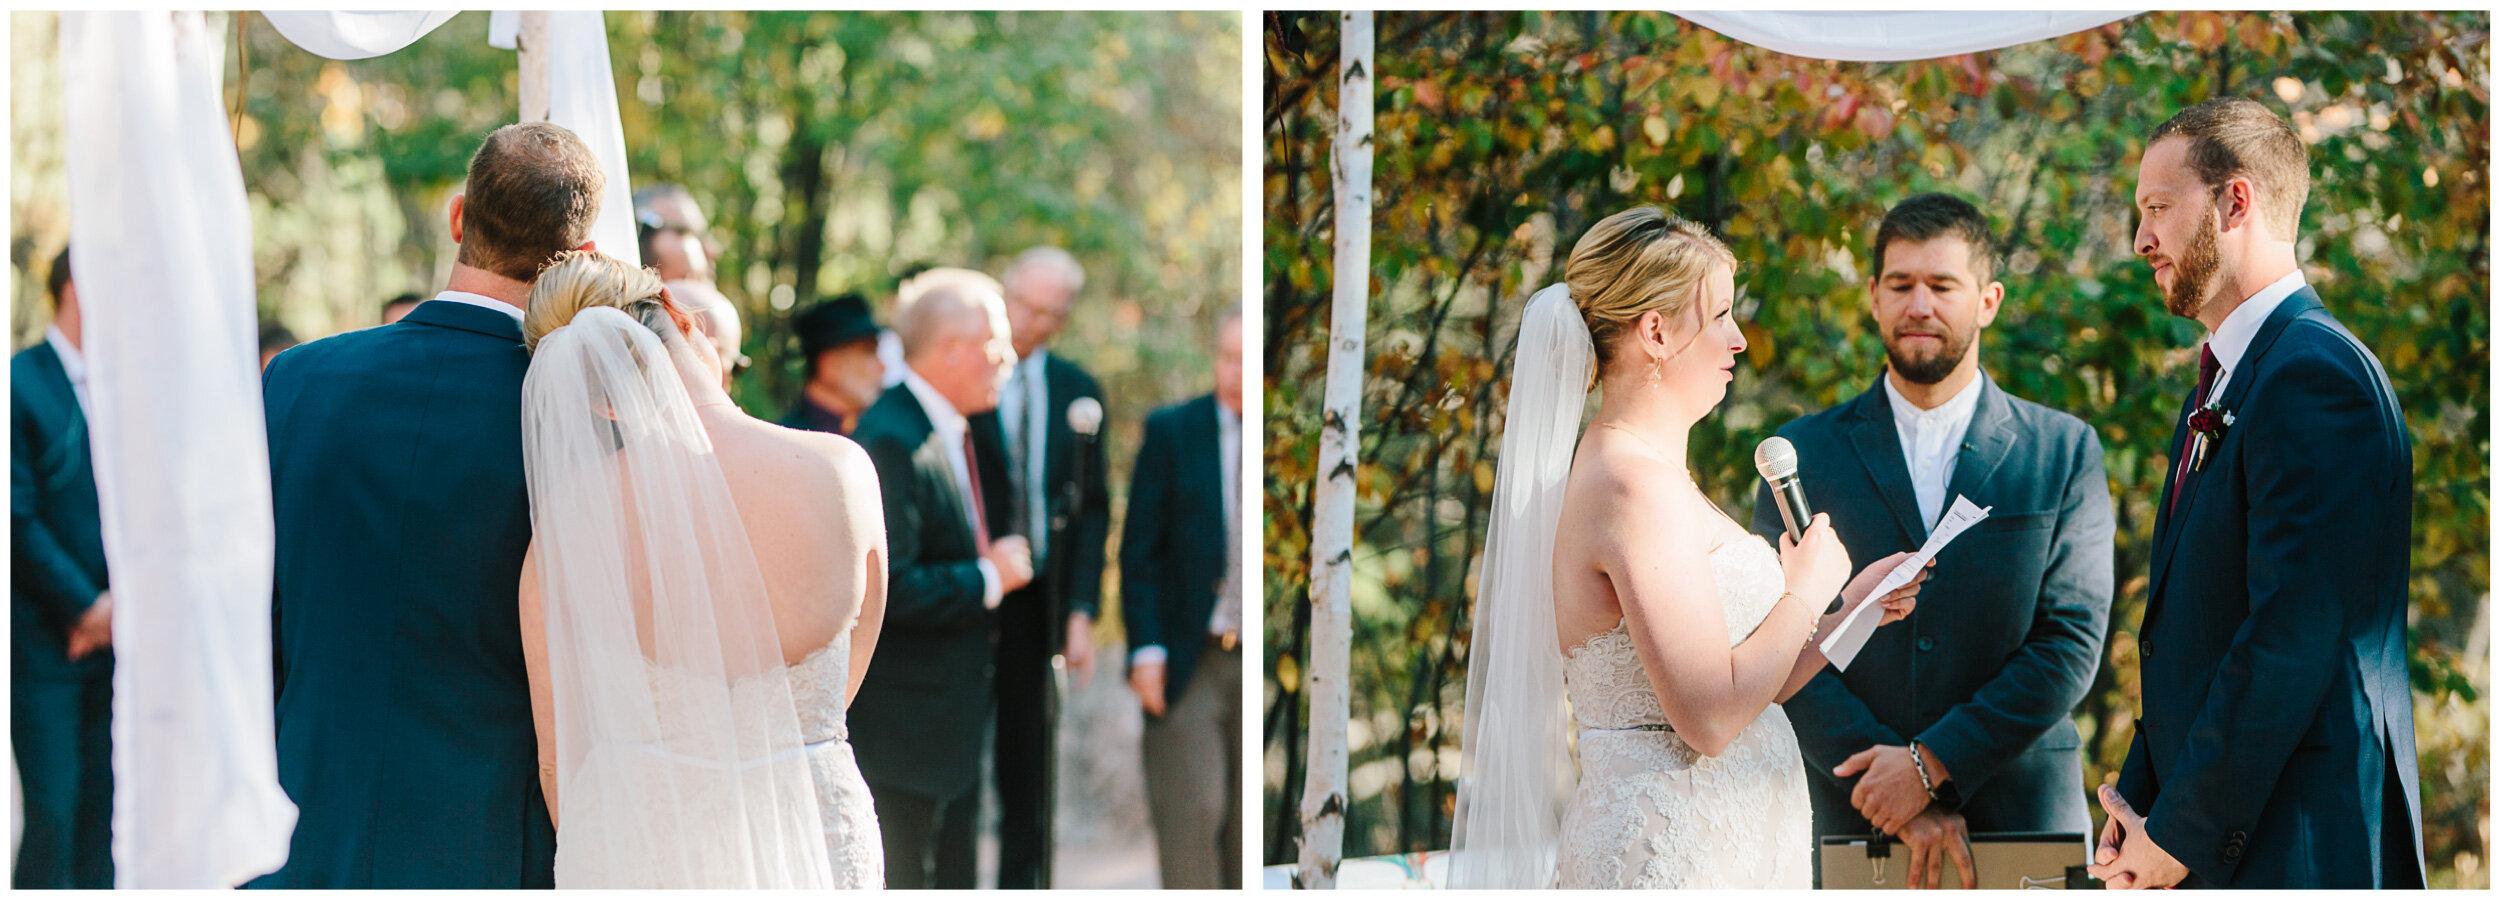 vail_wedding_76.jpg